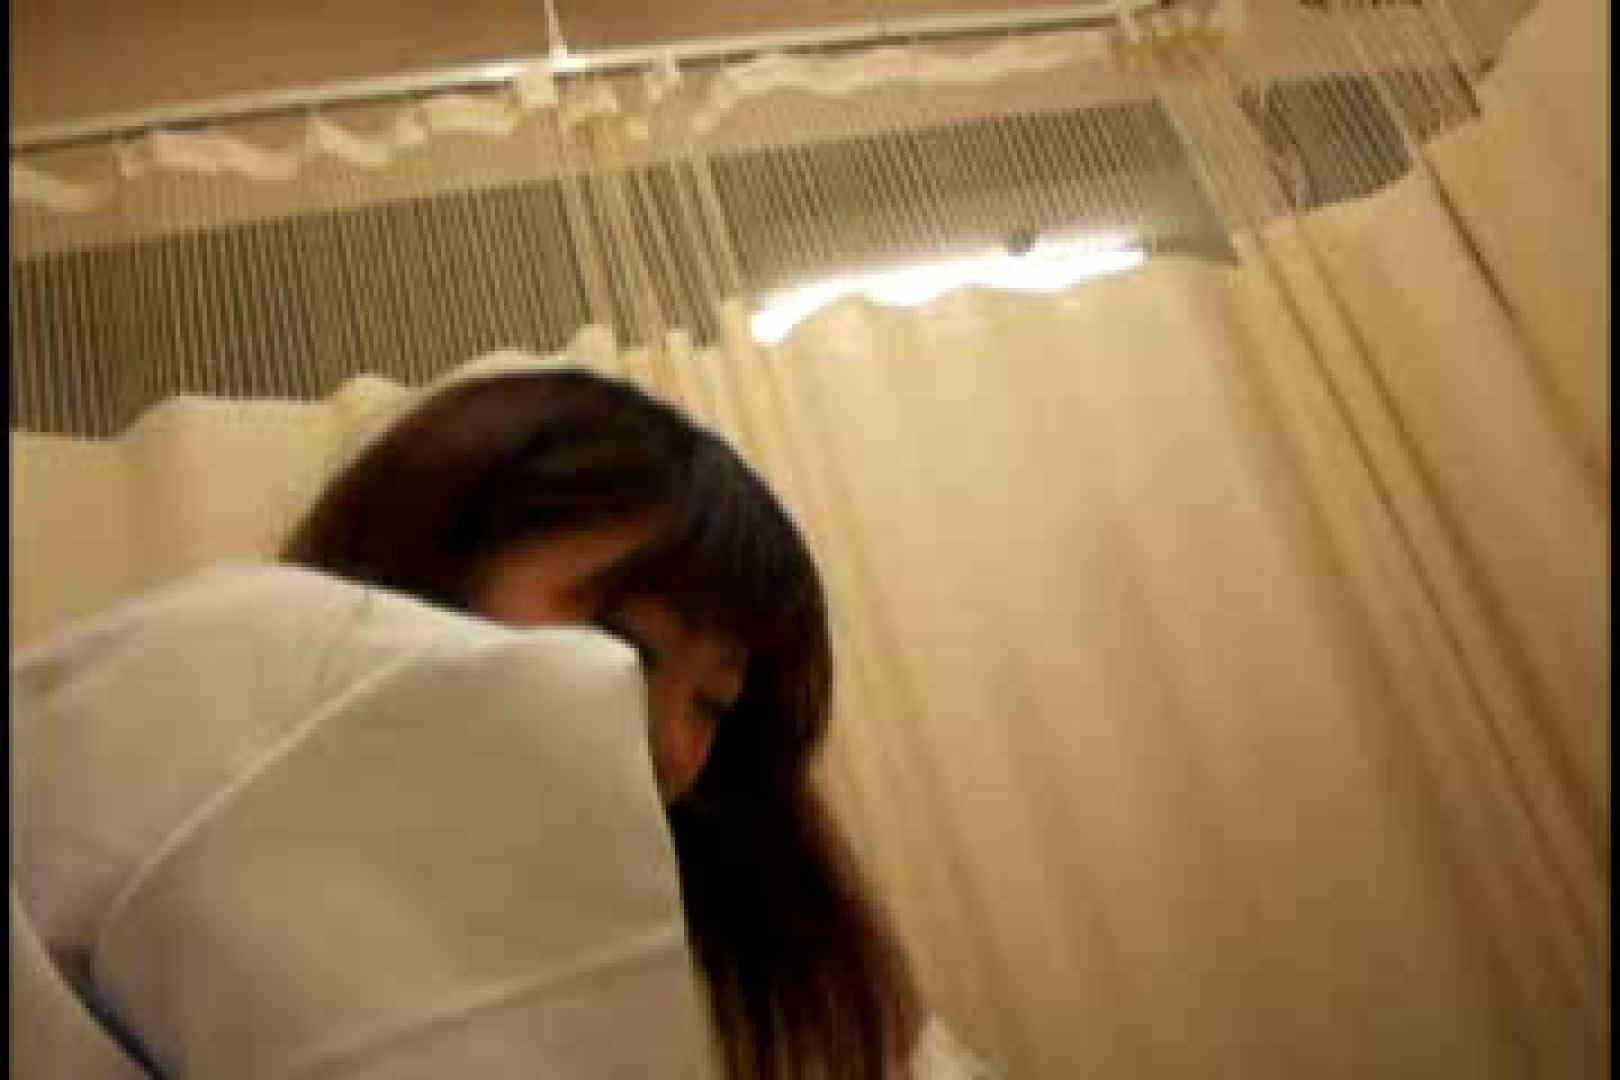 ヤリマンと呼ばれた看護士さんvol2 フェラ のぞき動画画像 106PIX 95